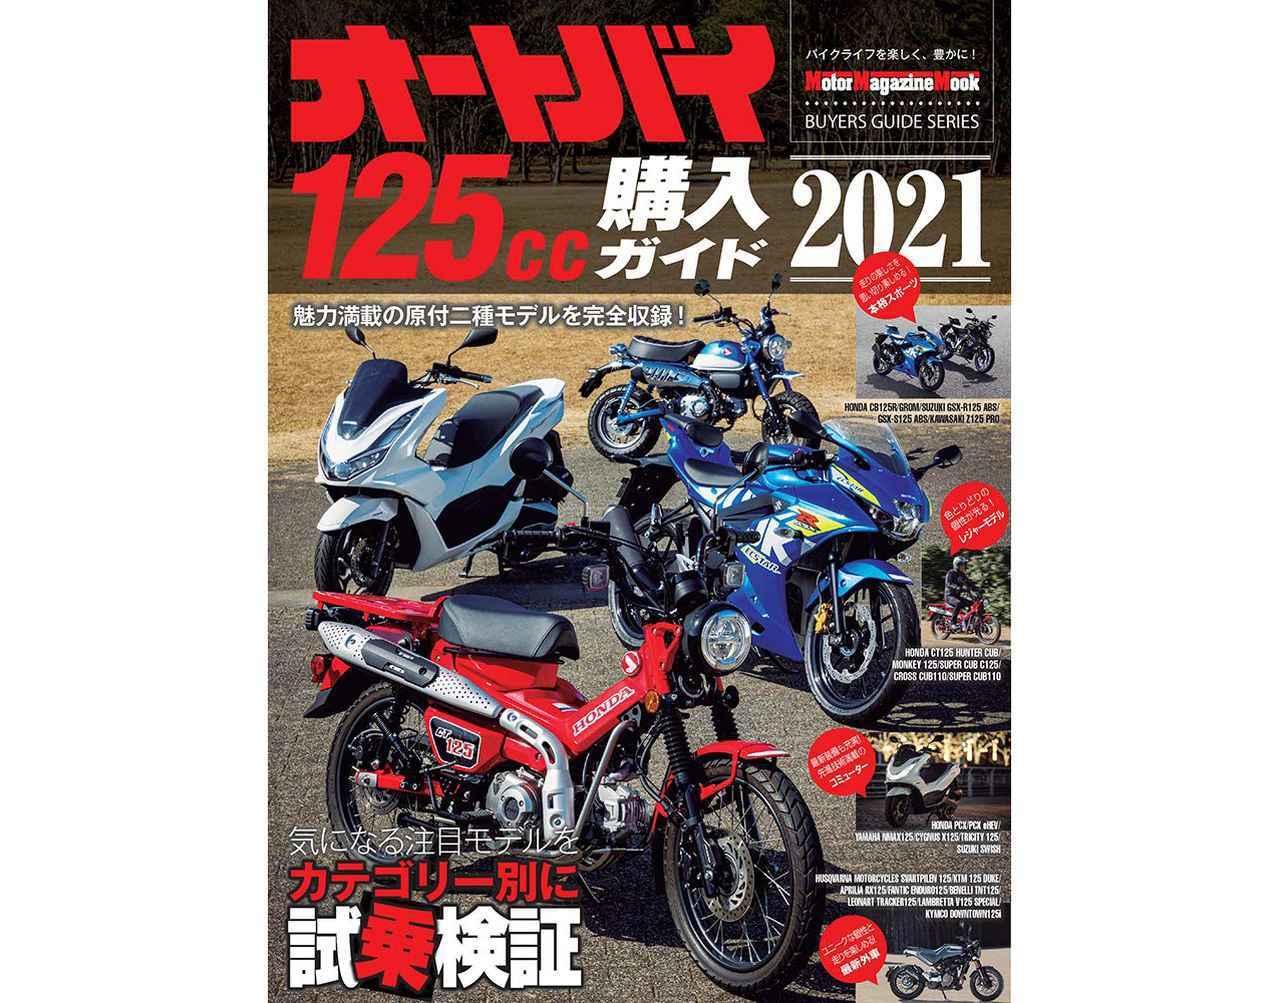 画像: 最新の原付二種情報はこの本で!『オートバイ125cc購入ガイド2021』好評発売中 - webオートバイ